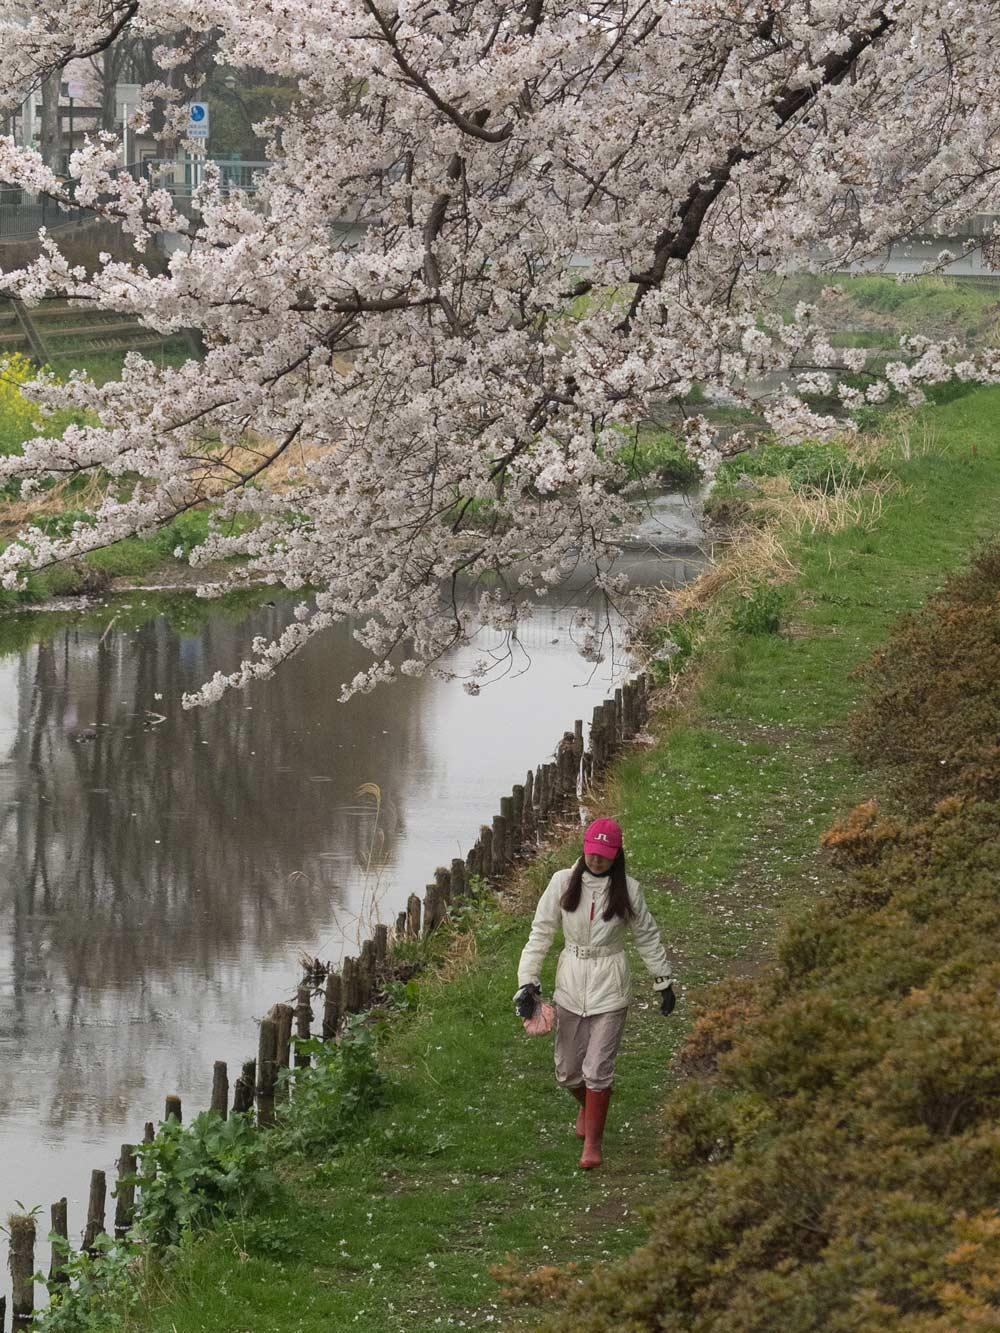 桜が咲くと雨が降る。_a0271402_20214796.jpg